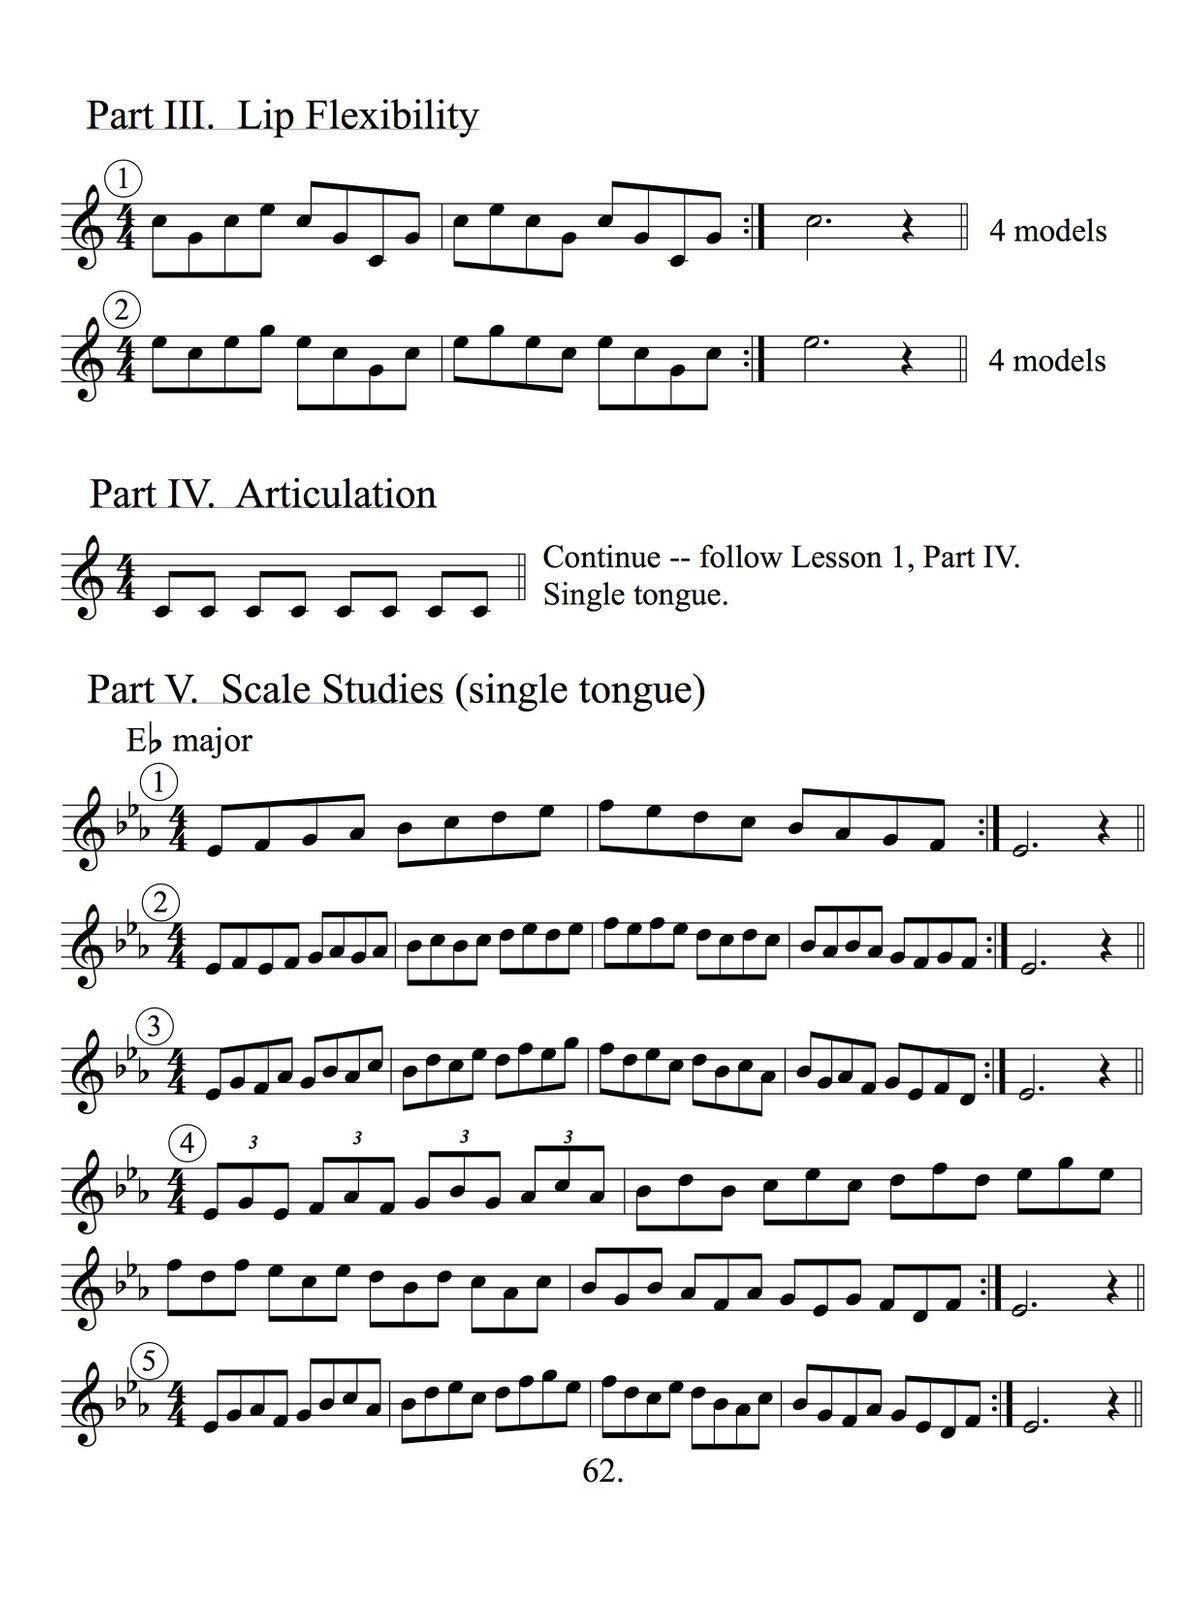 knevitt-professional-trumpet-routines-5